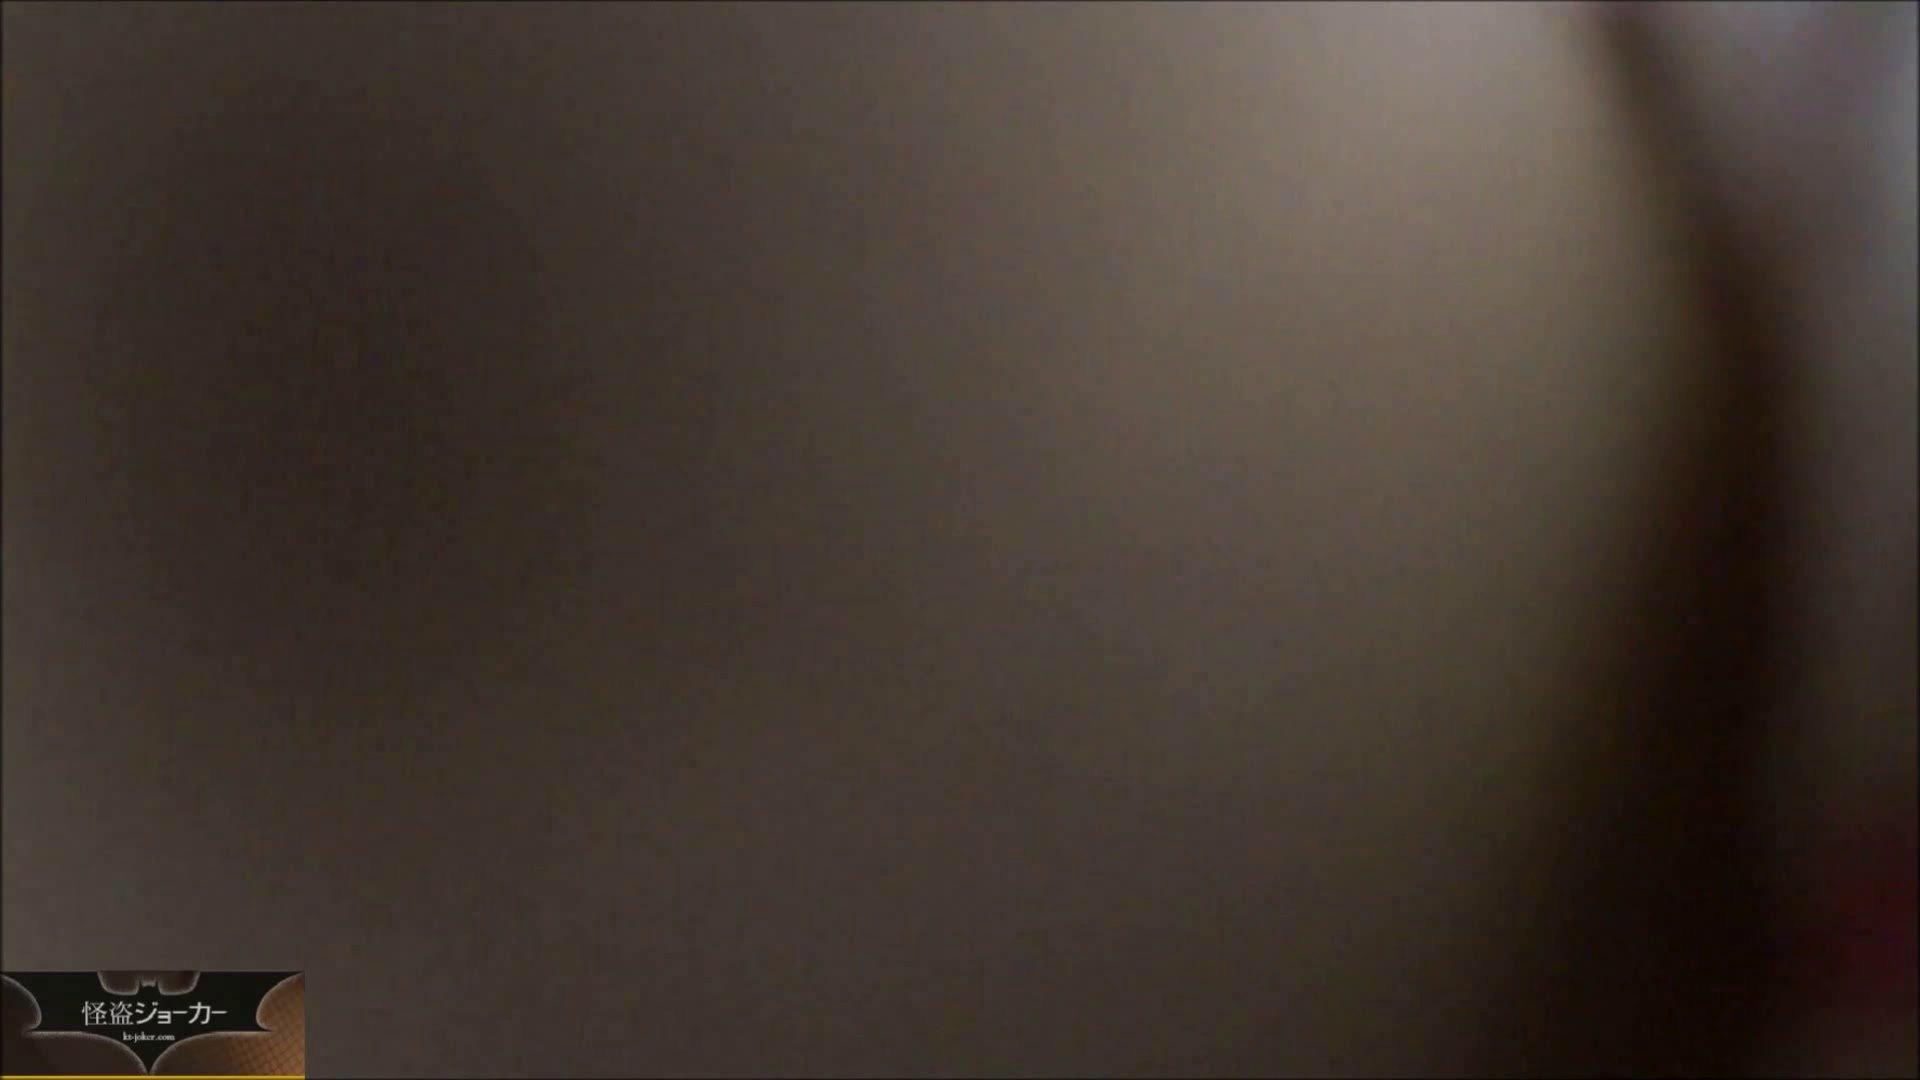 【未公開】vol.23 ユリナ、寝取られのアト。 OLハメ撮り  107Pix 82